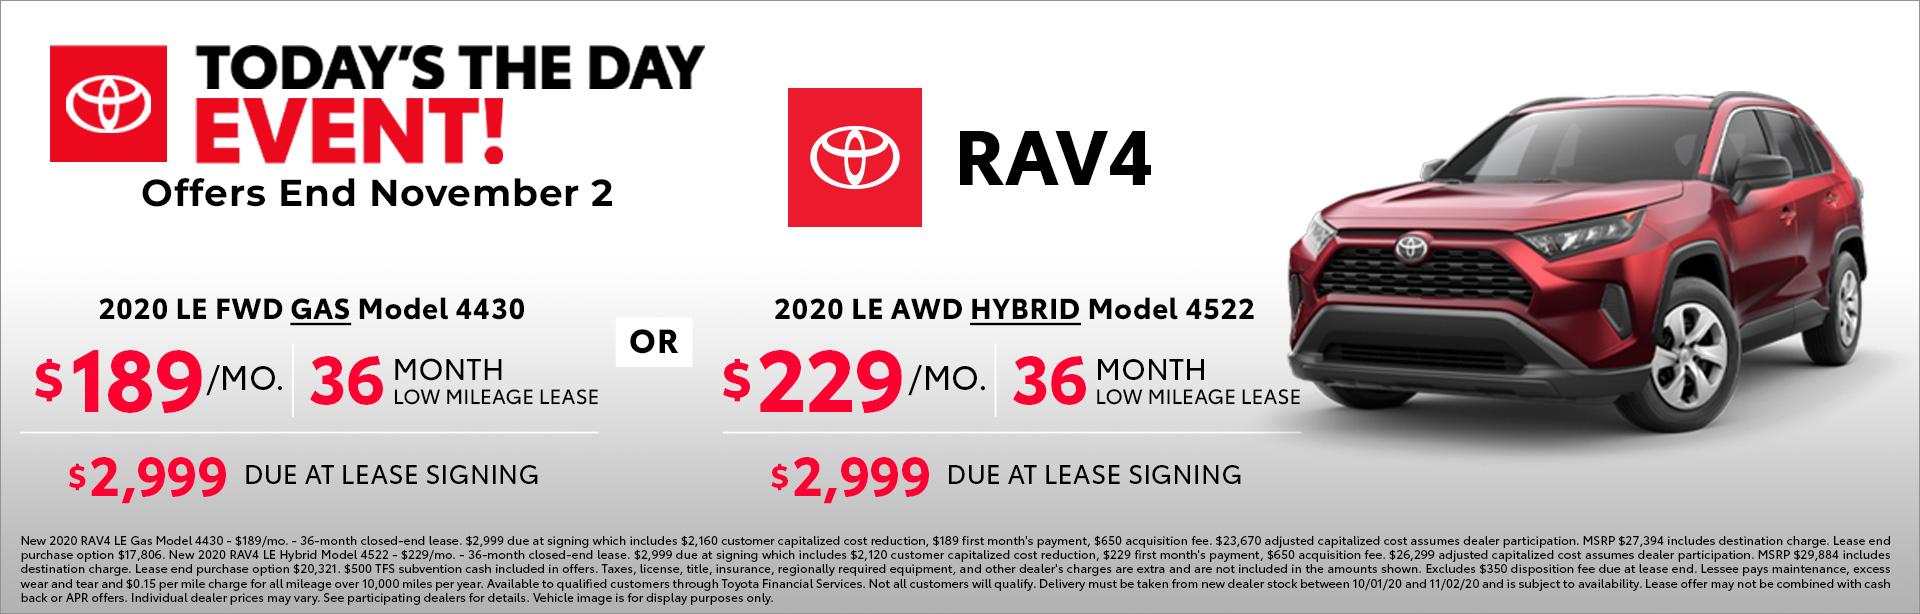 10-20_01_Cincinnati-October-2020-CN-RAV4-Lease_1920x614_da82_RAV4-RAV4-Hybrid_O_xta.jpeg